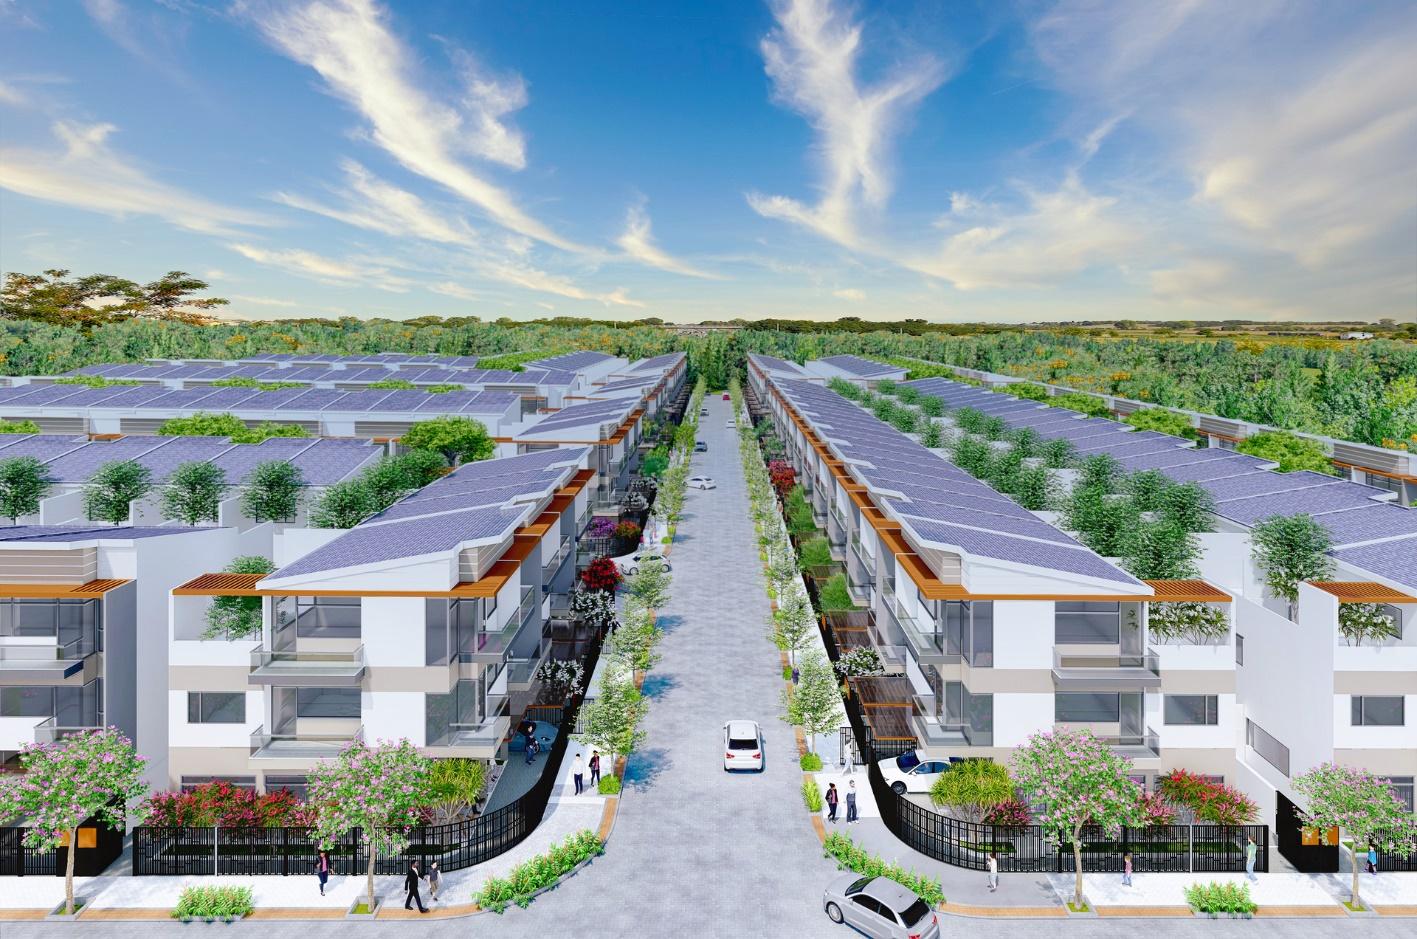 Elite Life kiến tạo cơ hội đầu tư sinh lời ở cửa ngõ Nam Sài Gòn - Ảnh 1.